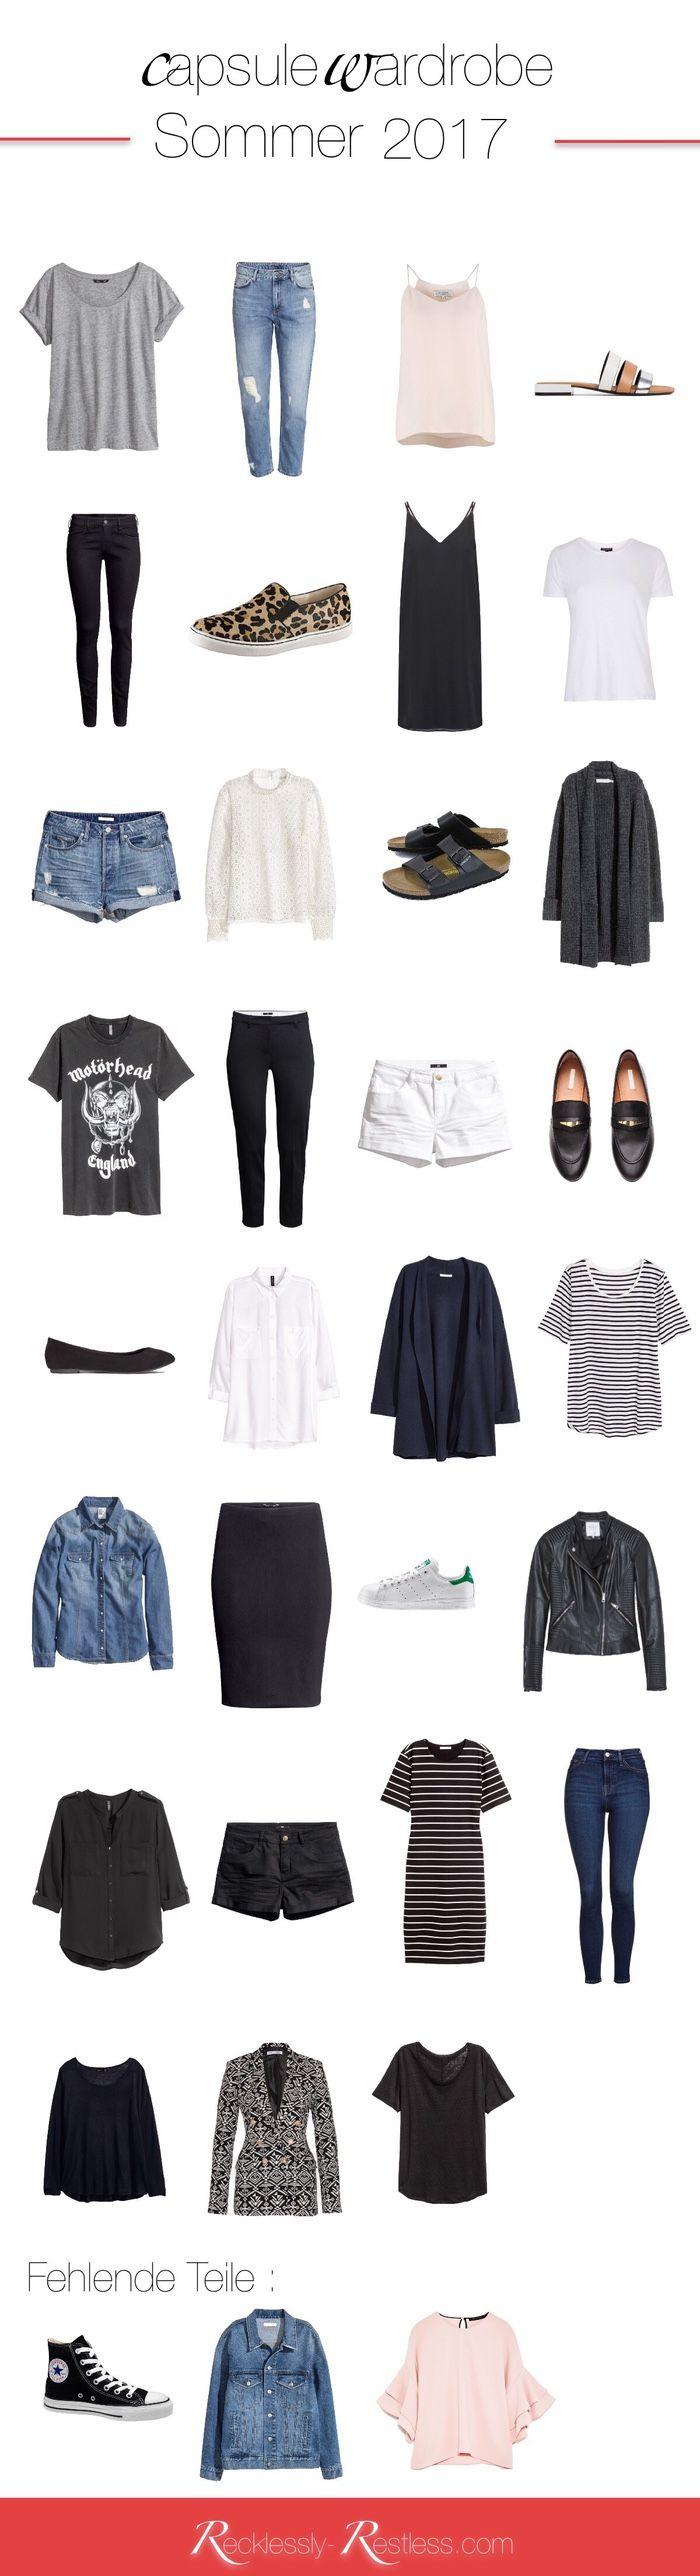 Meine Garderobe für den Sommer 2017: die Sommer Capsule Wardrobe 2017. Alle Teile, Farbschema und weitere Wünsche erklärt findet ihr hier.